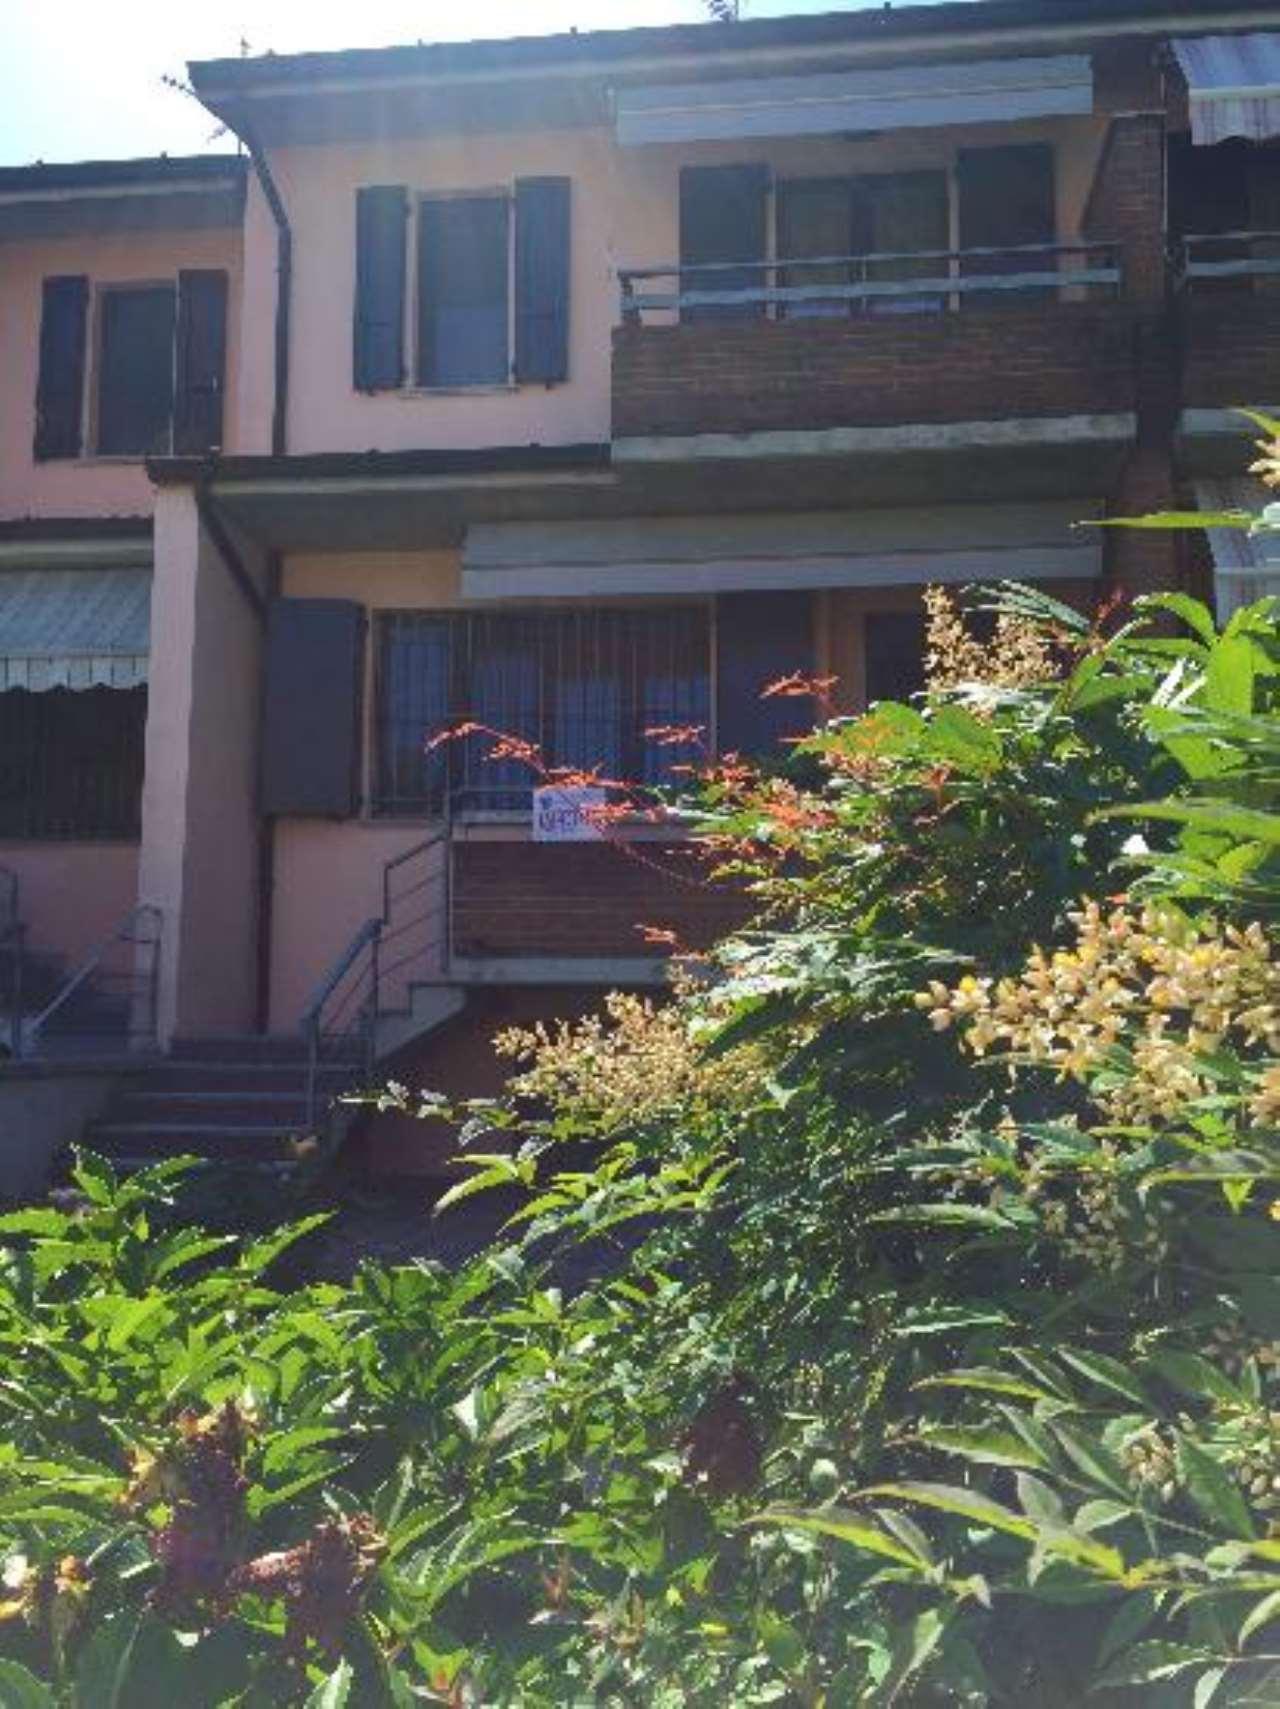 Villa a Schiera in vendita a Castelvetro Piacentino, 4 locali, prezzo € 197.000 | CambioCasa.it